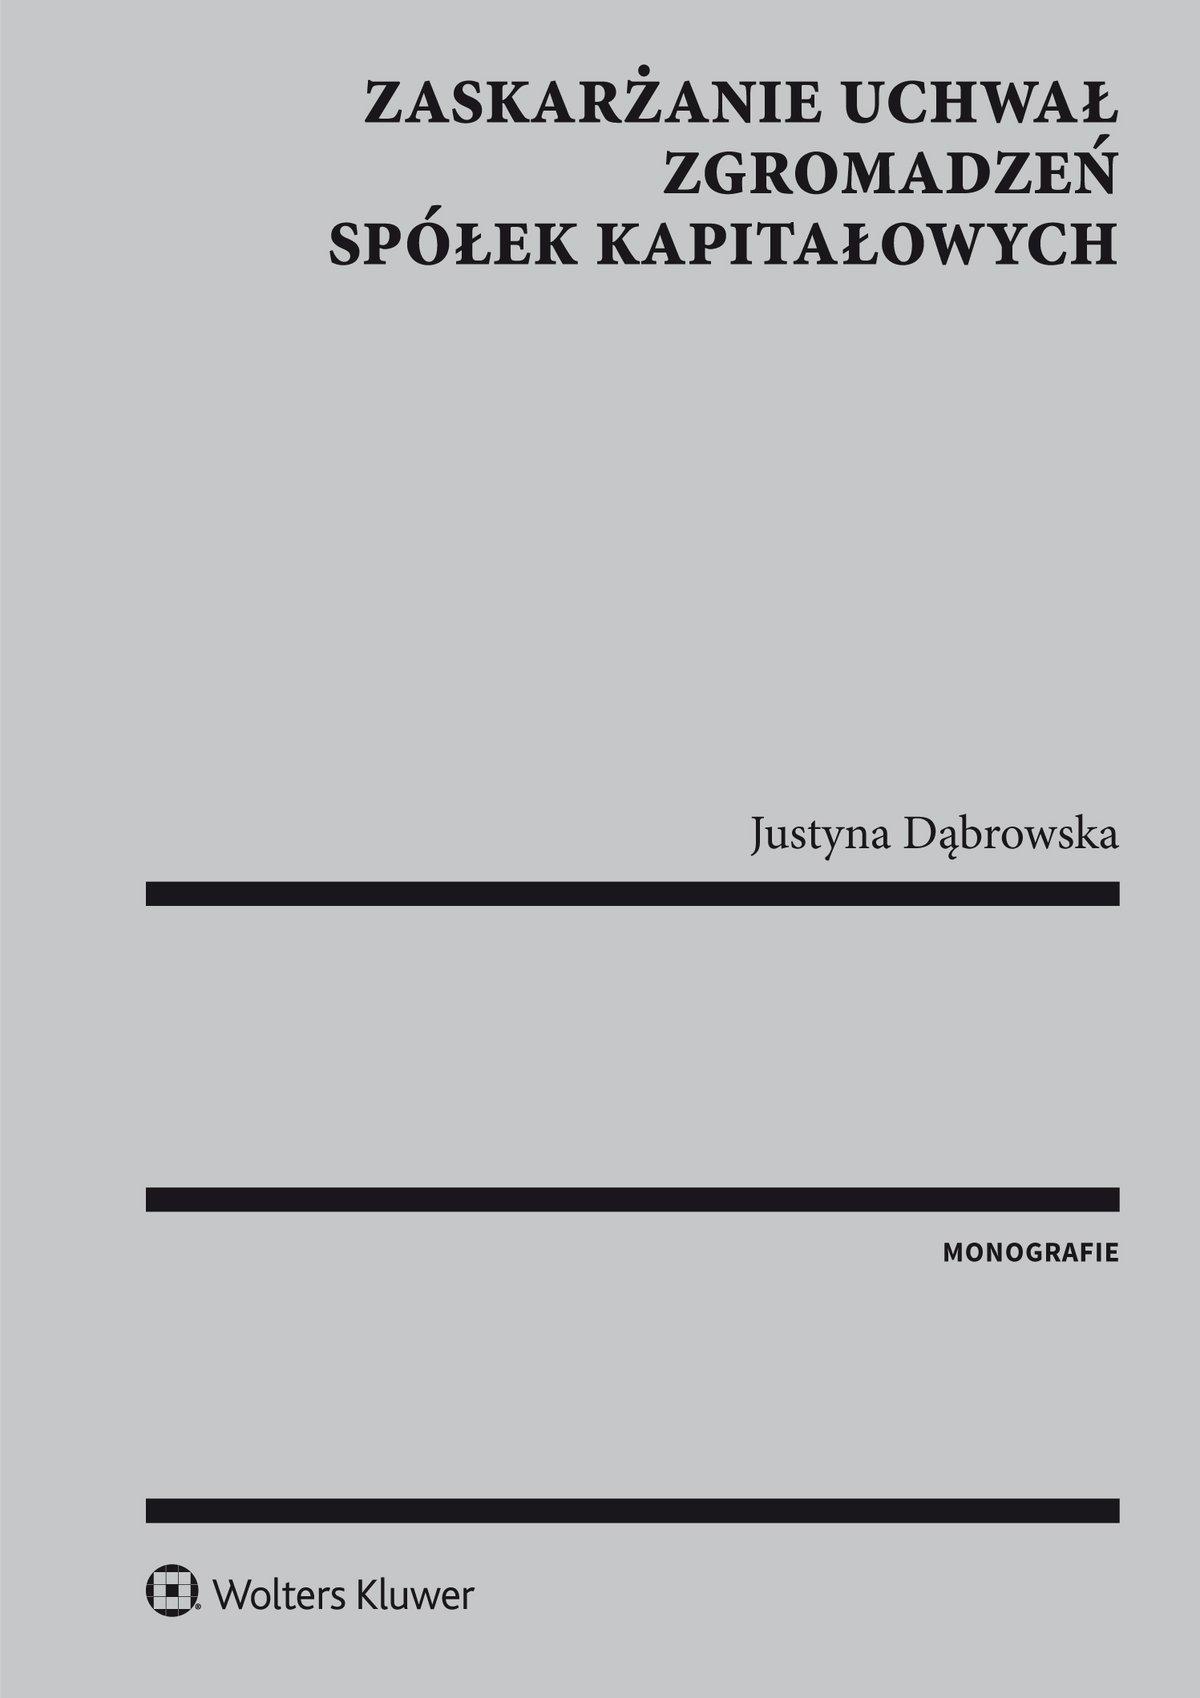 Zaskarżanie uchwał zgromadzeń spółek kapitałowych - Ebook (Książka PDF) do pobrania w formacie PDF